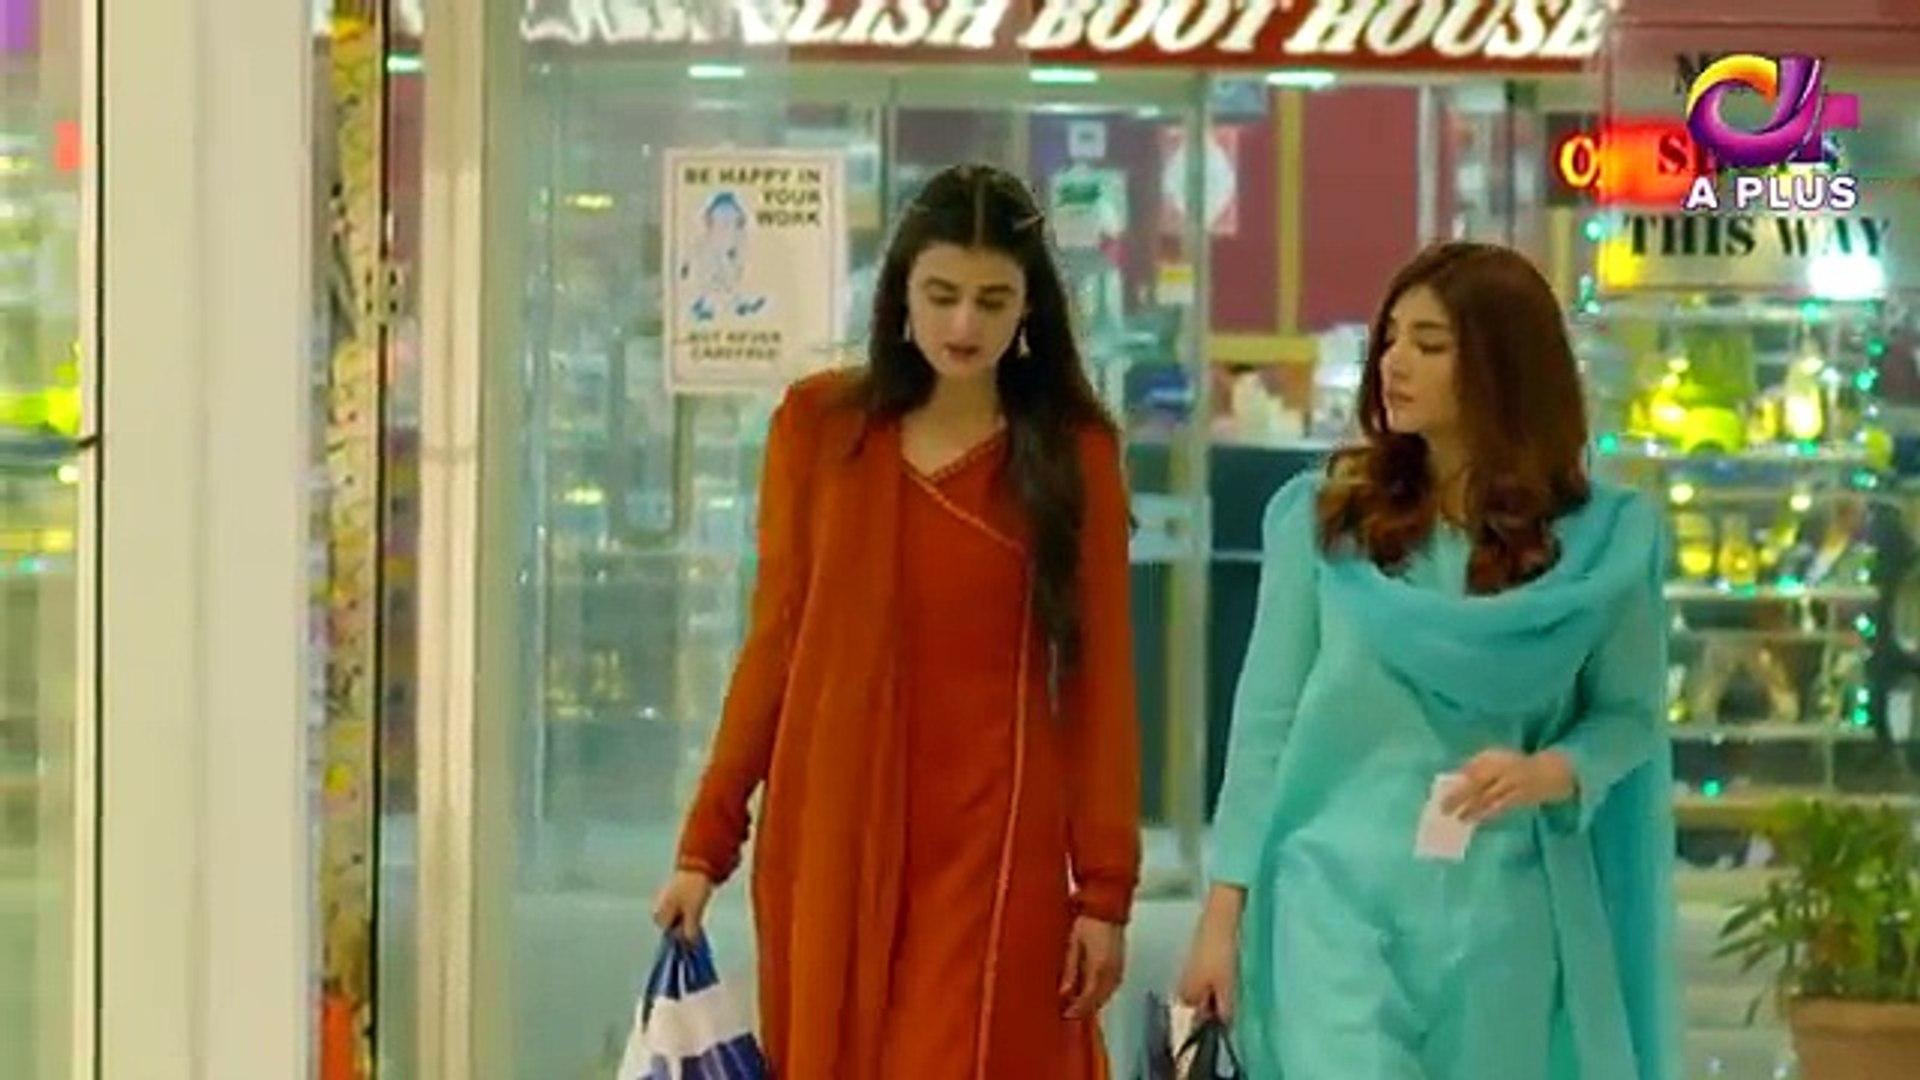 Thays - Episode 17 - Aplus Dramas - Hira Mani, Junaid Khan - Pakistani Drama